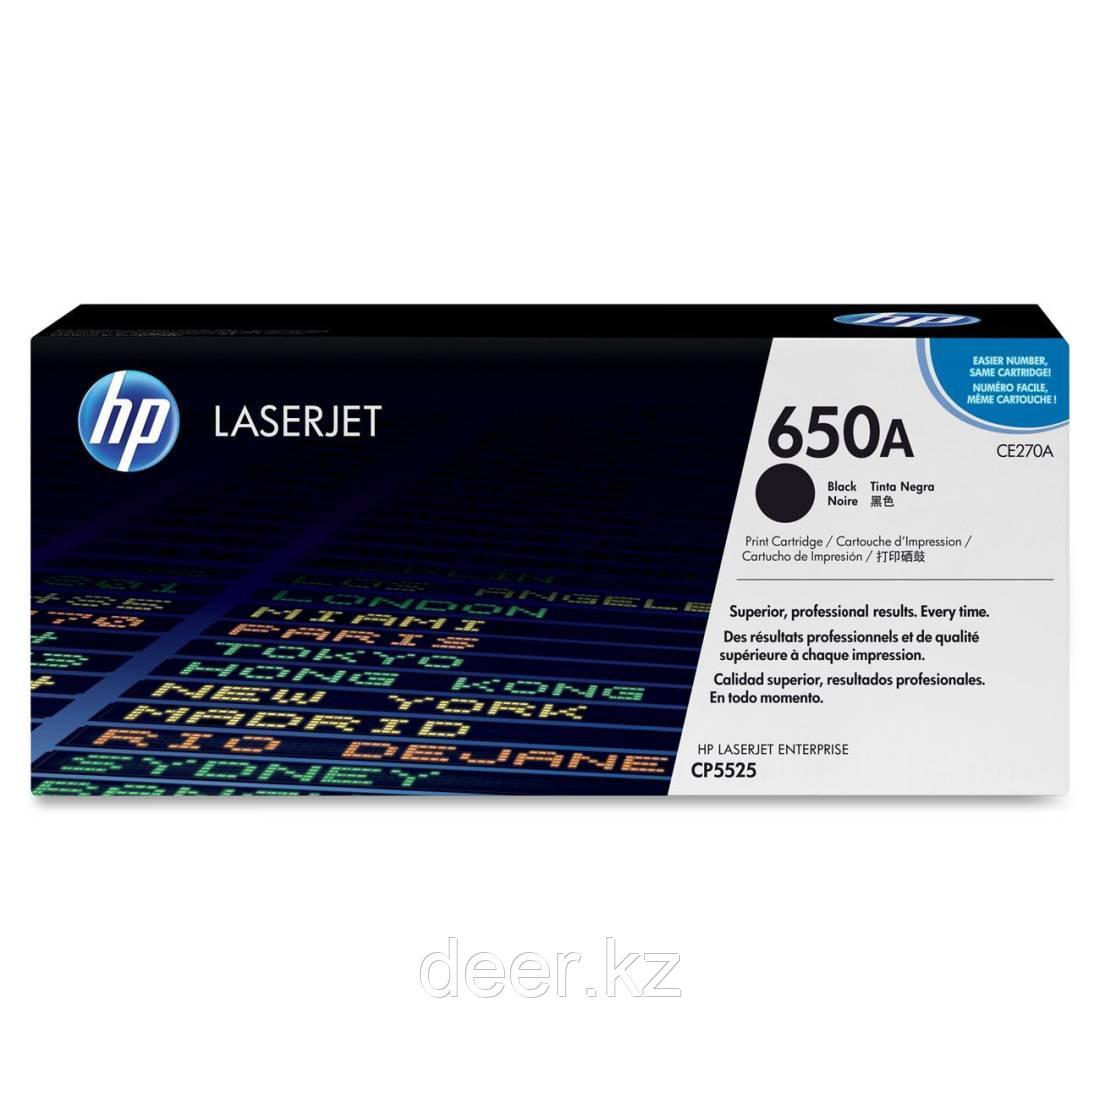 Картридж лазерный HP LaserJet CE270A Black Print Cartridge for Color LaserJet CP5525